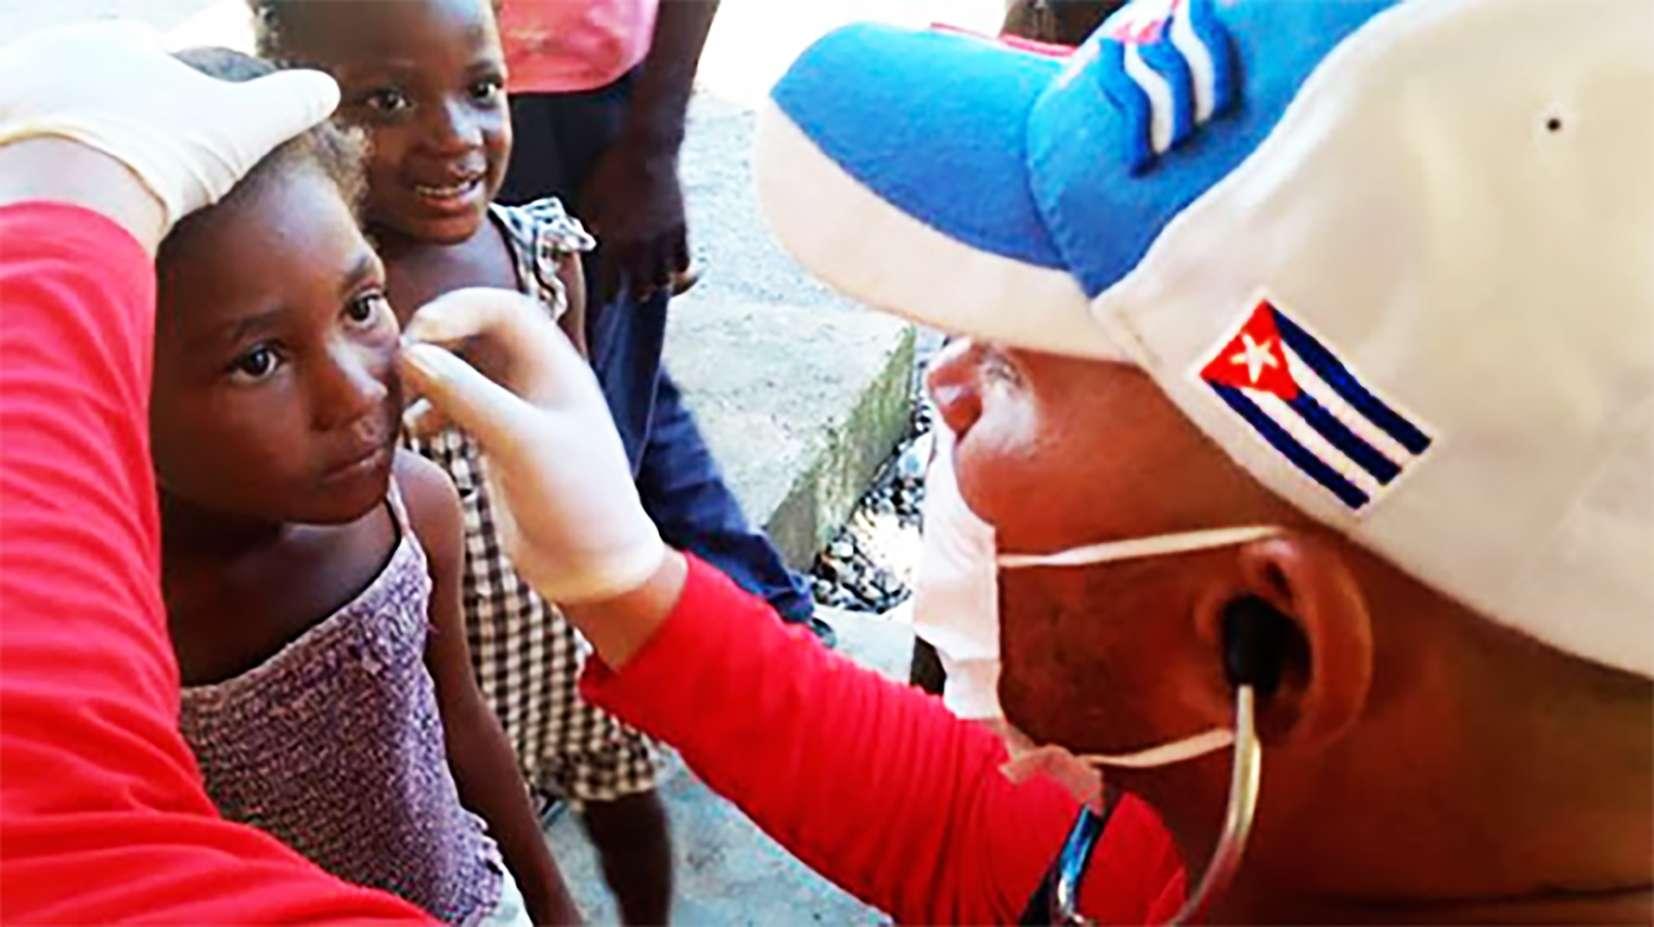 Οι διεθνείς ιατρικές αποστολές της Κούβας  κλείνουν 57 χρόνια